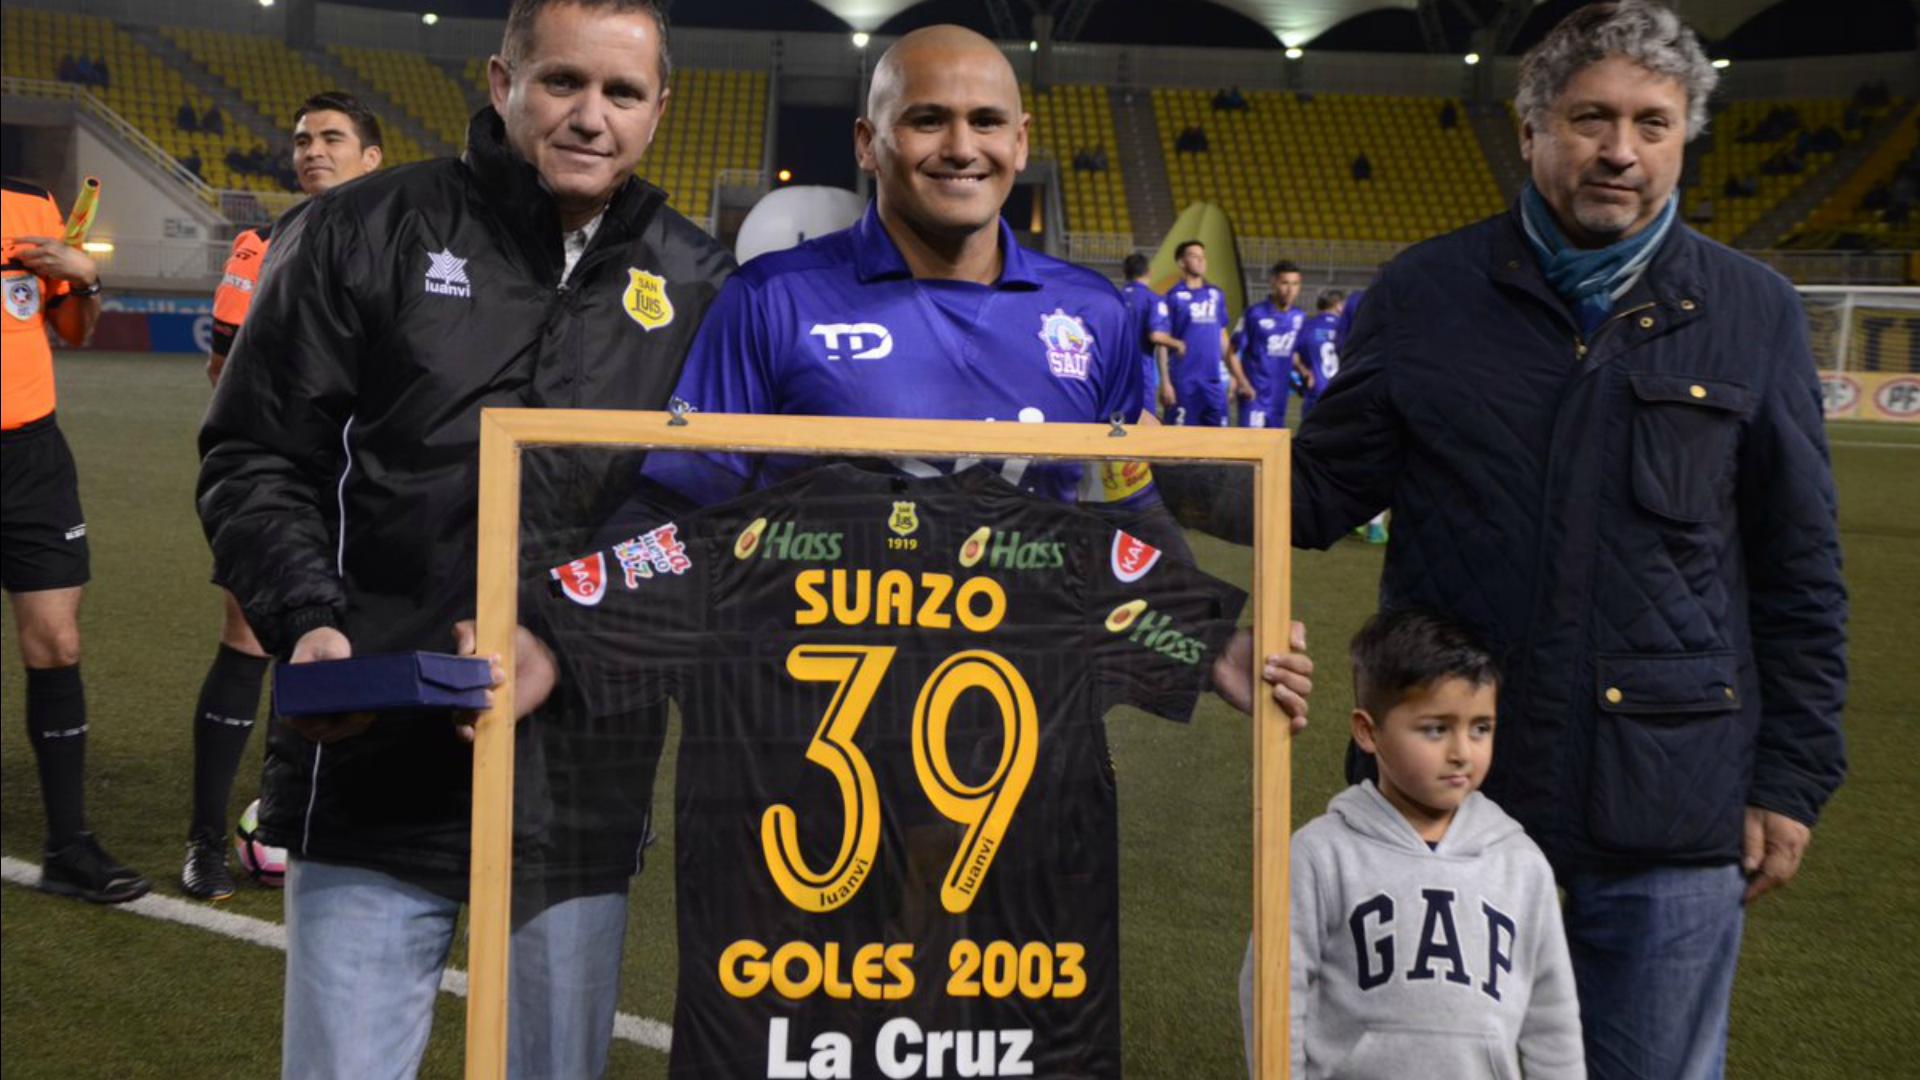 Chupete Suazo recibe homenaje y anota un gol en la Noche Canaria